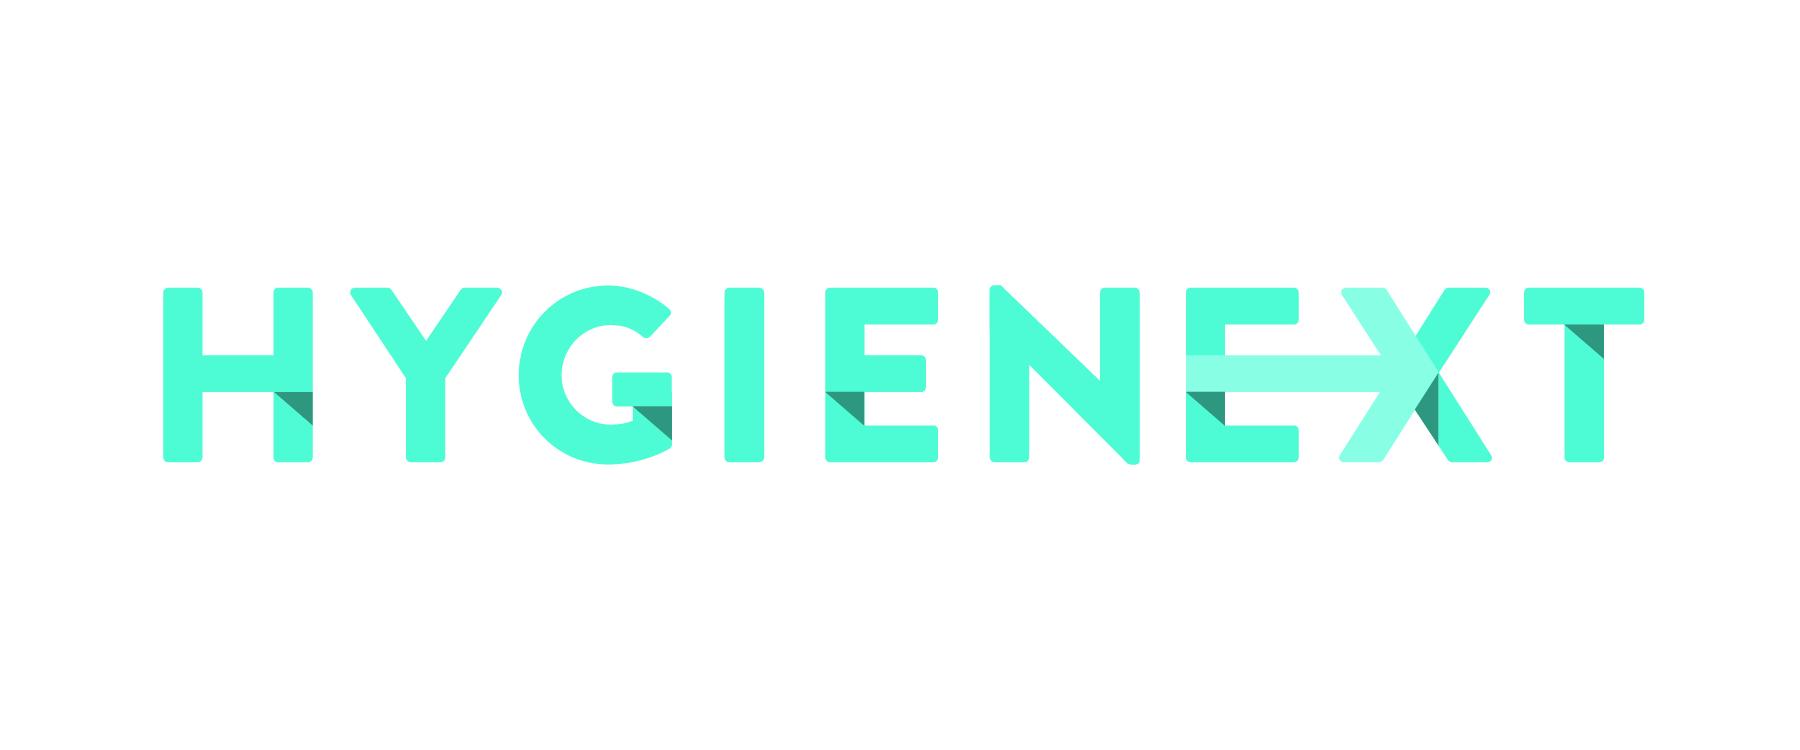 HygienextLogo-01.jpg